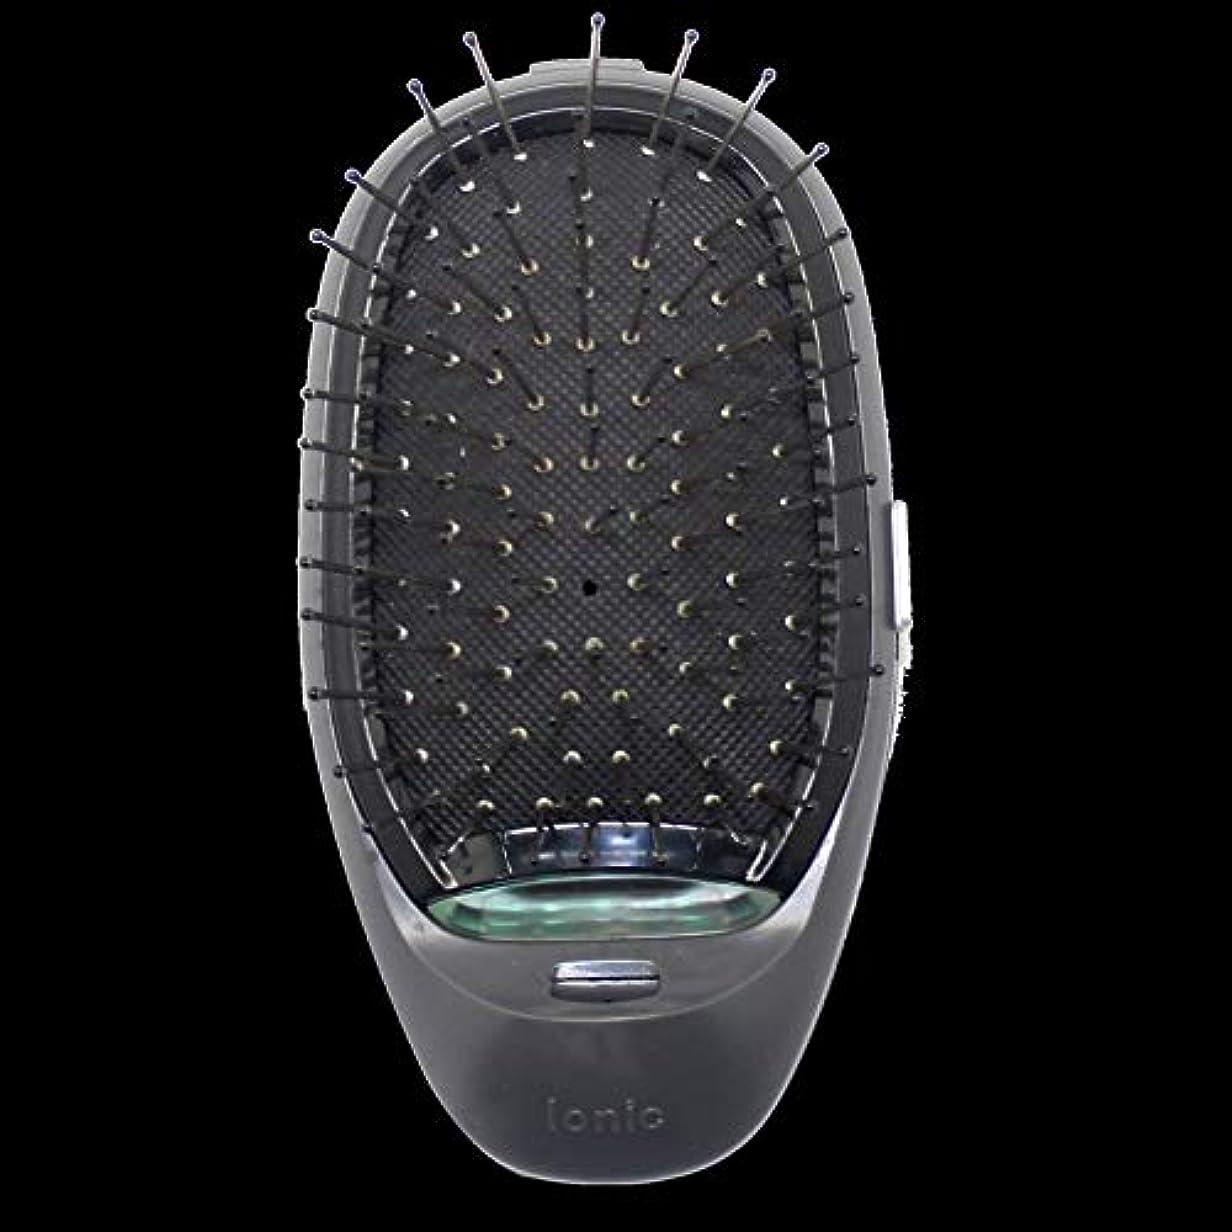 拳ヘアケニア電動マッサージヘアブラシミニマイナスイオンヘアコム3Dインフレータブルコーム帯電防止ガールズヘアブラシ電池式 - ブラック